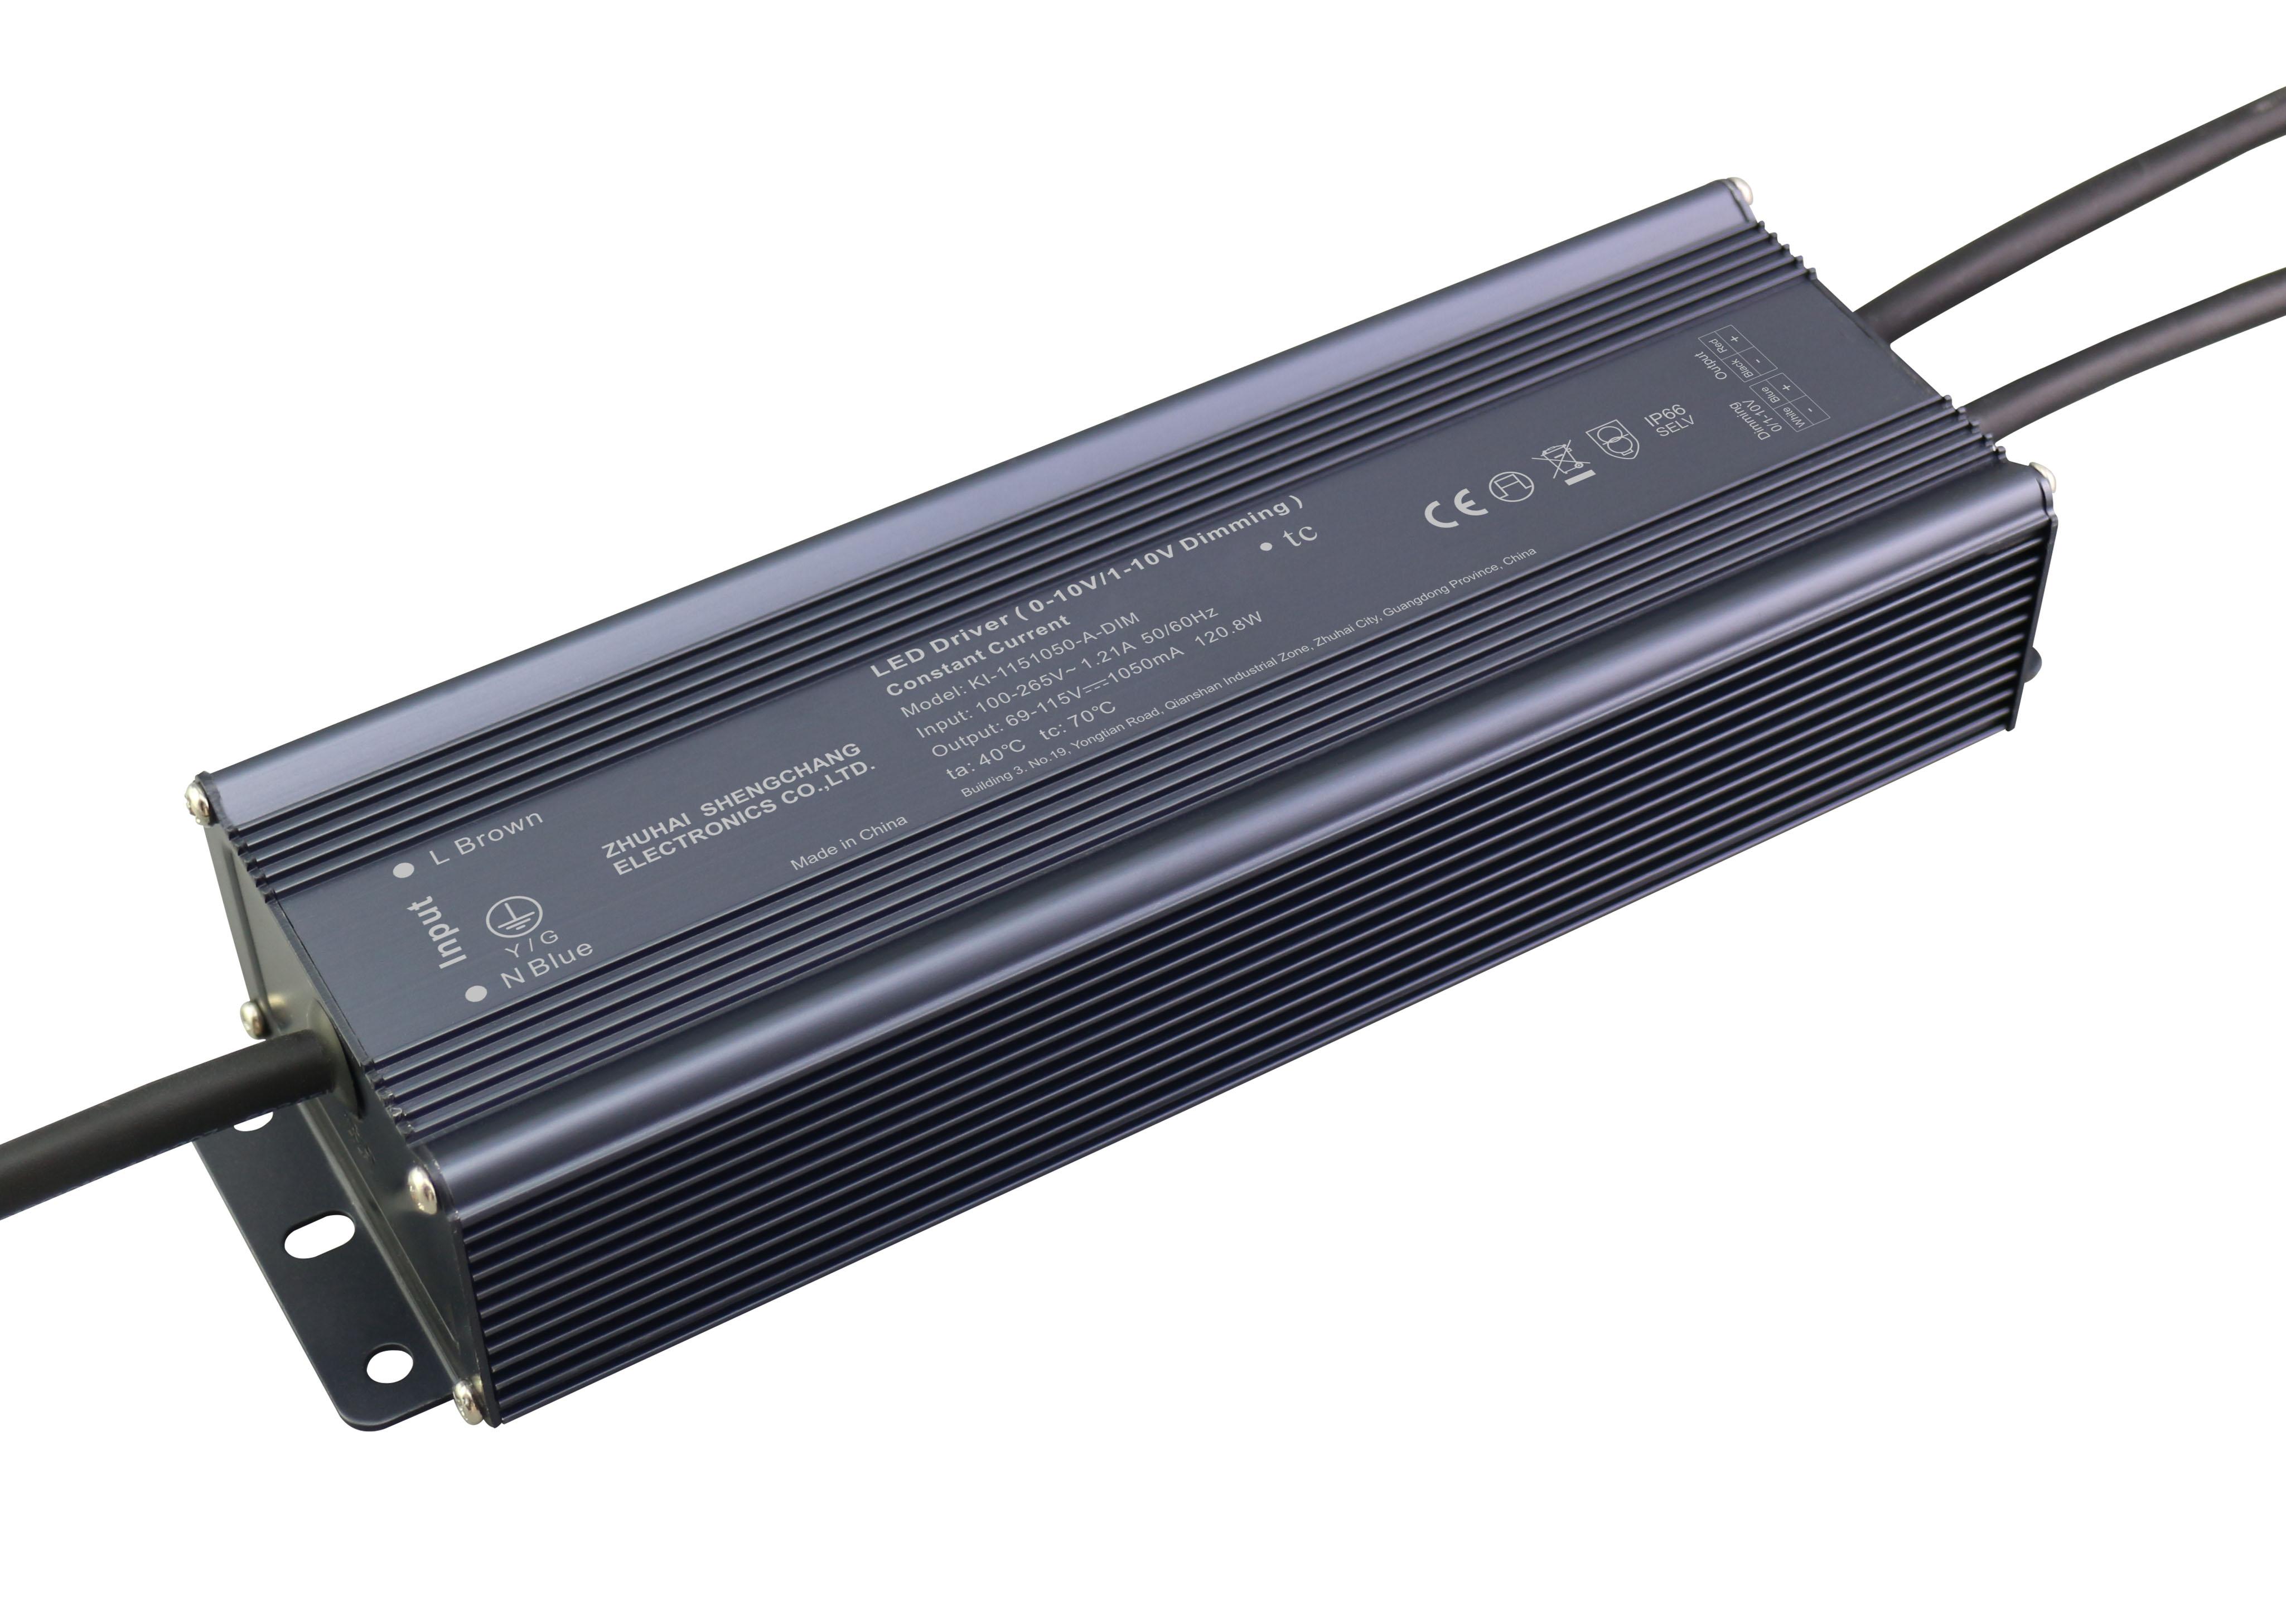 120W 0/1-10V 恒流调光电源